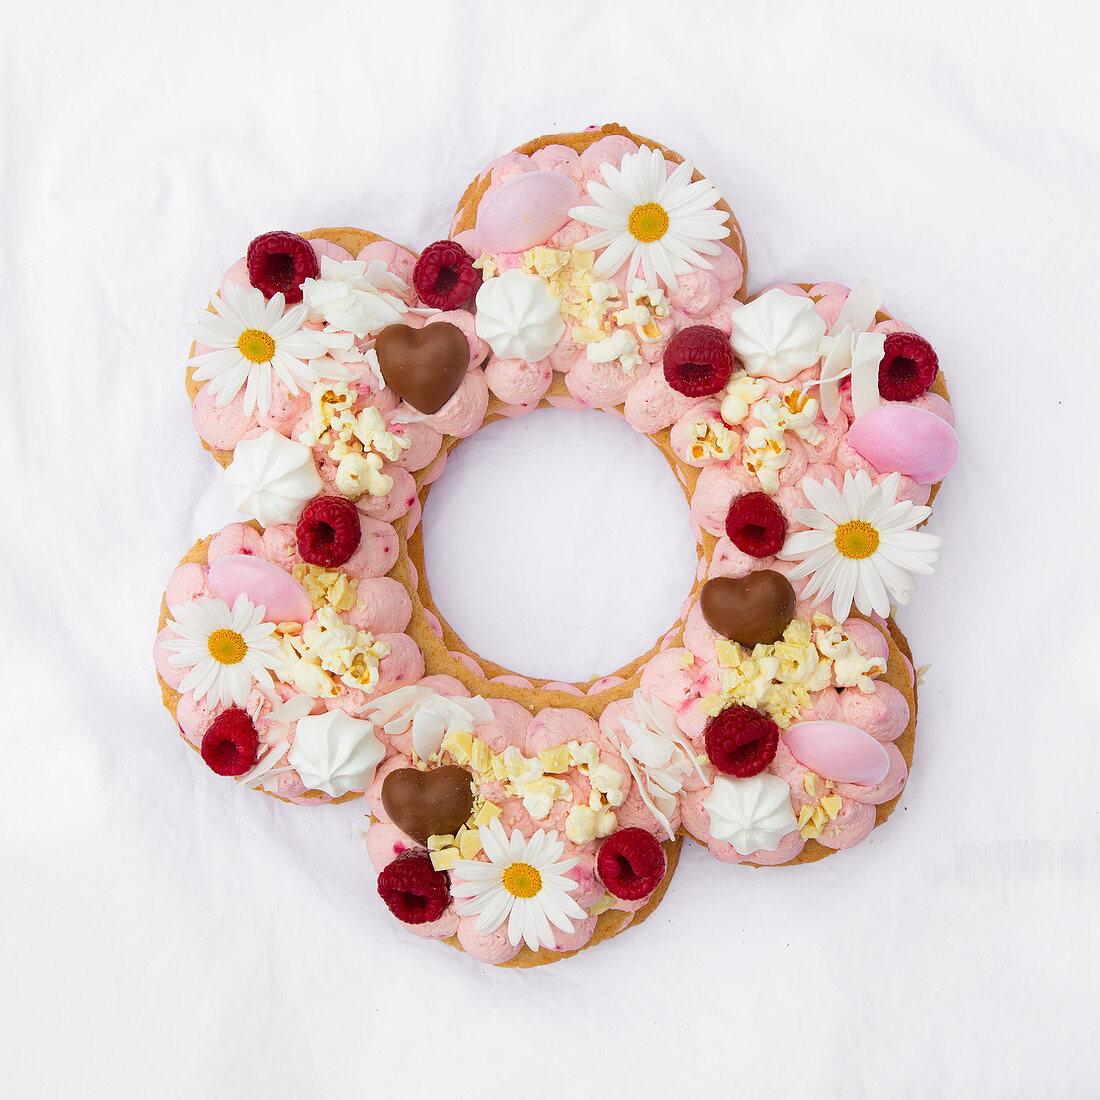 A lavishly decorated flower-shaped cake with raspberry mascarpone cream